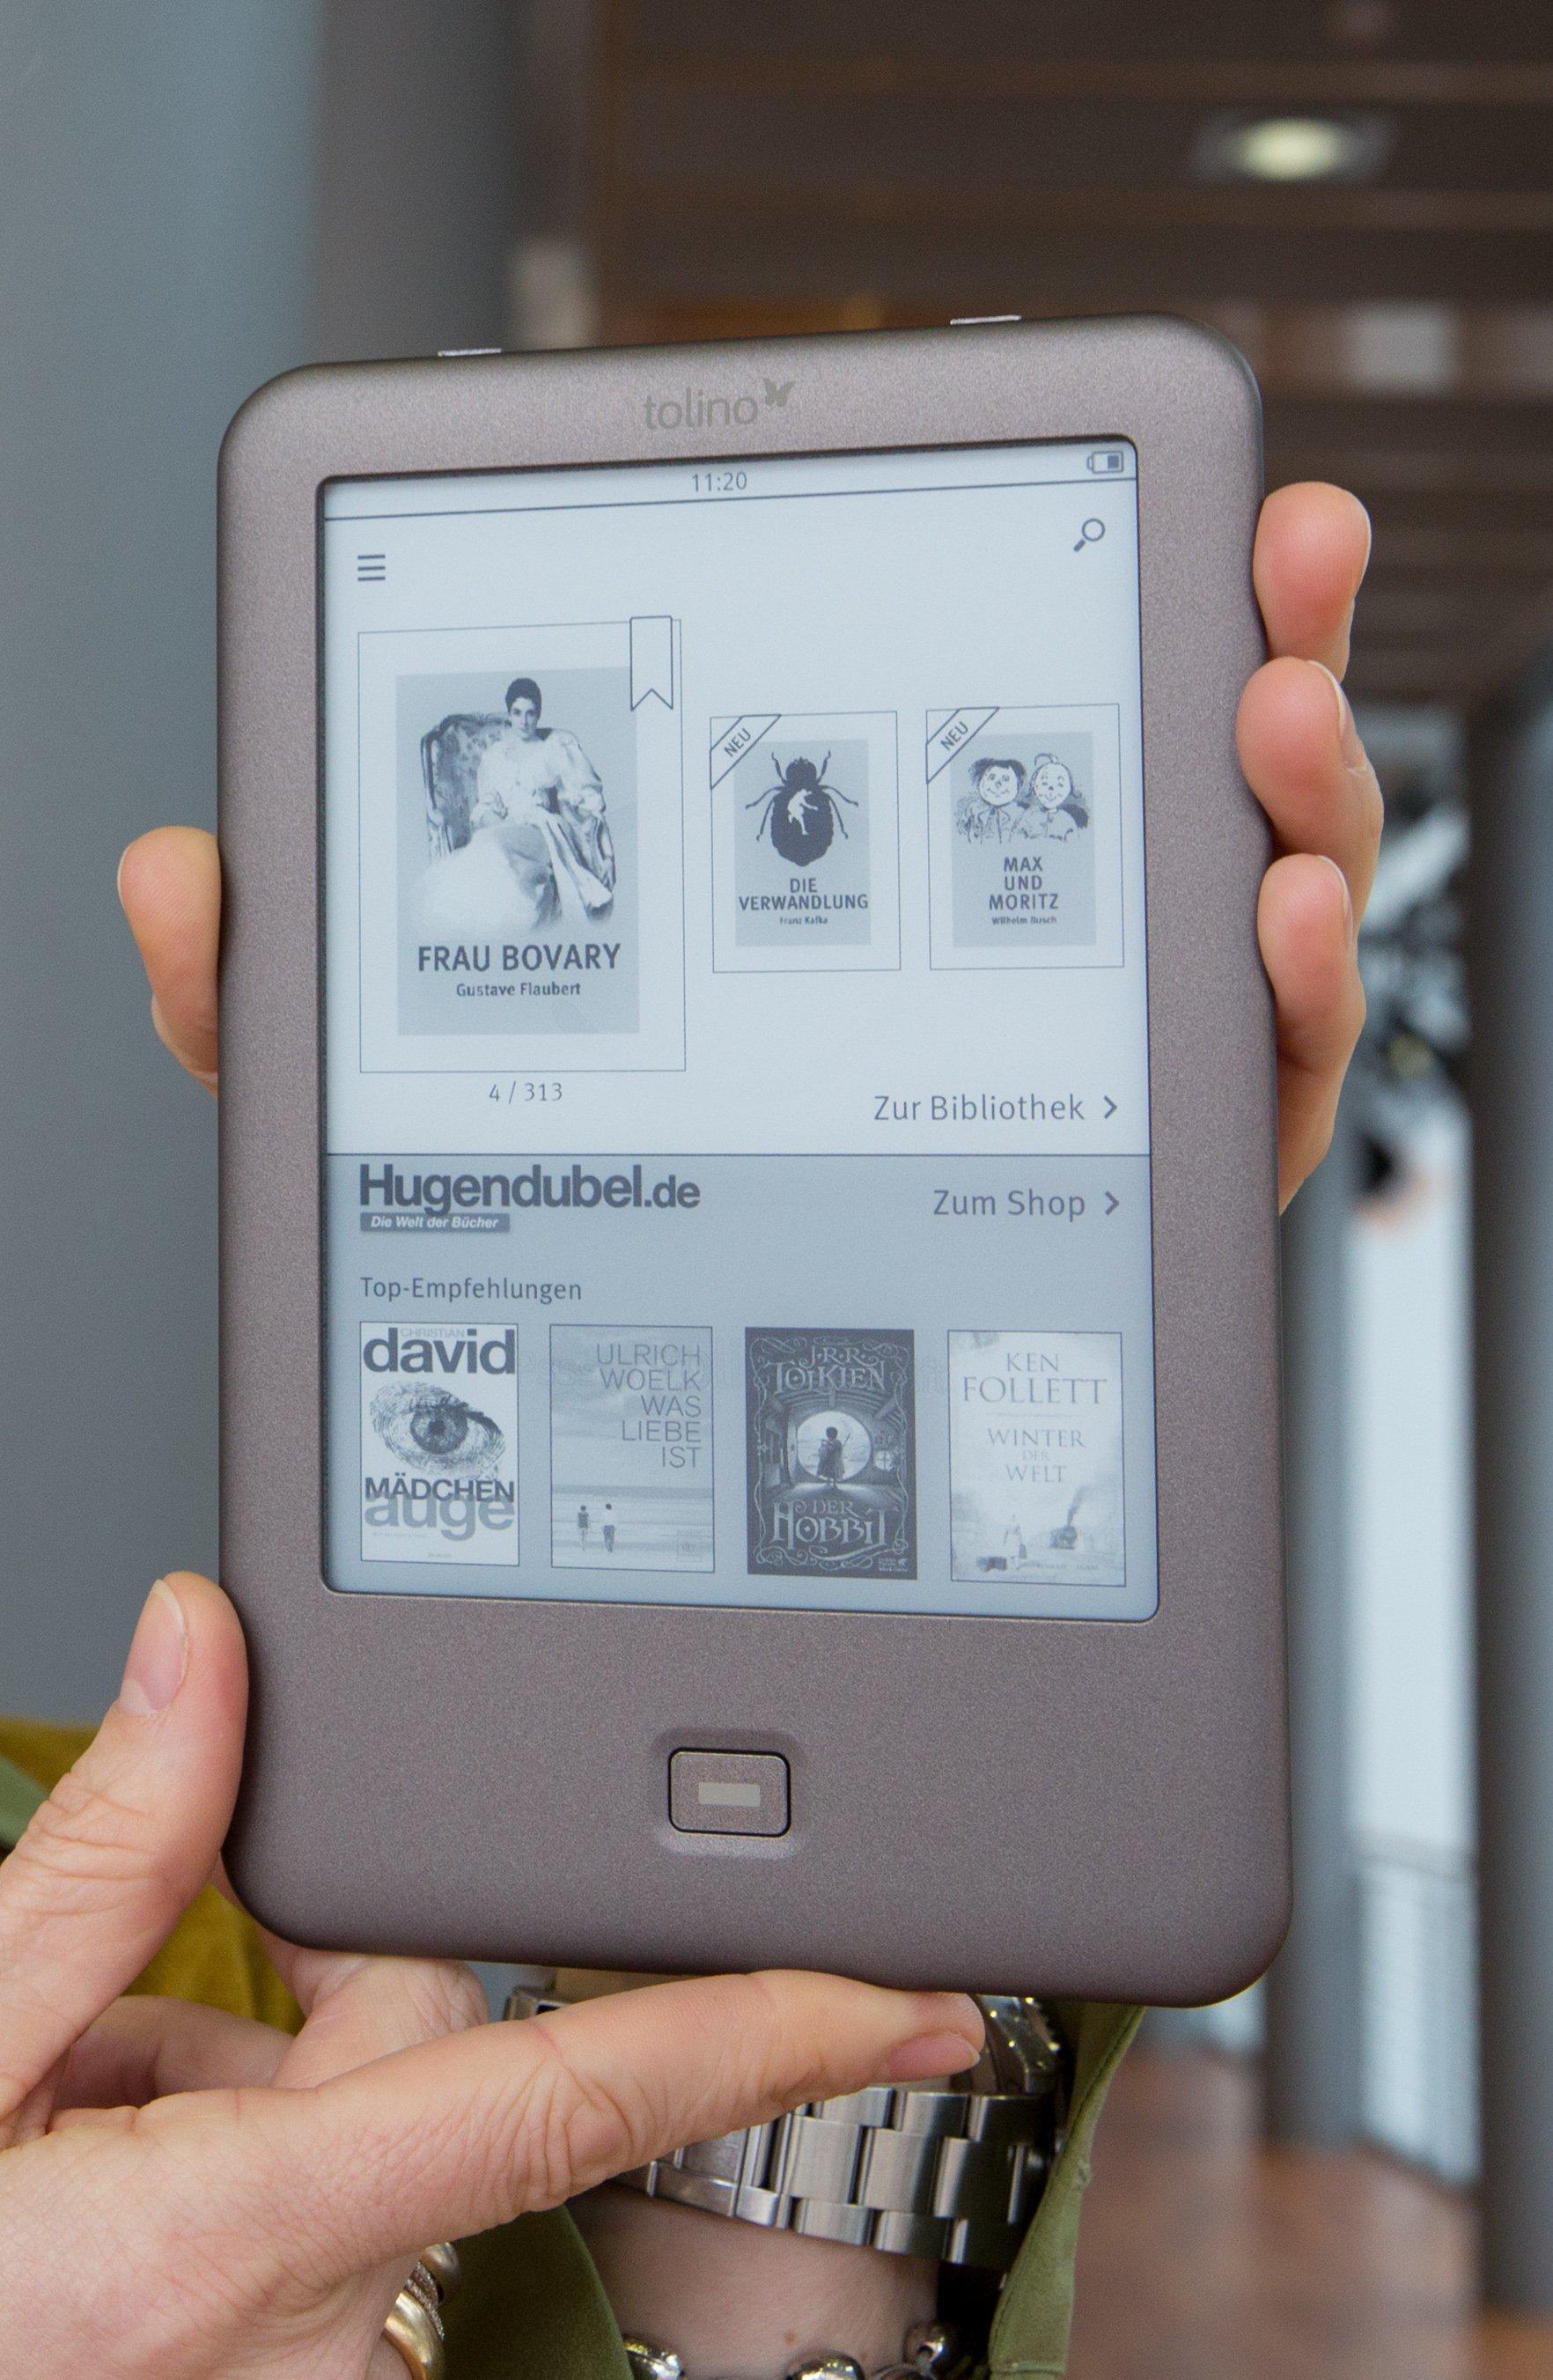 Der E-Reader Tolino wurde im März 2013 vorgestellt.